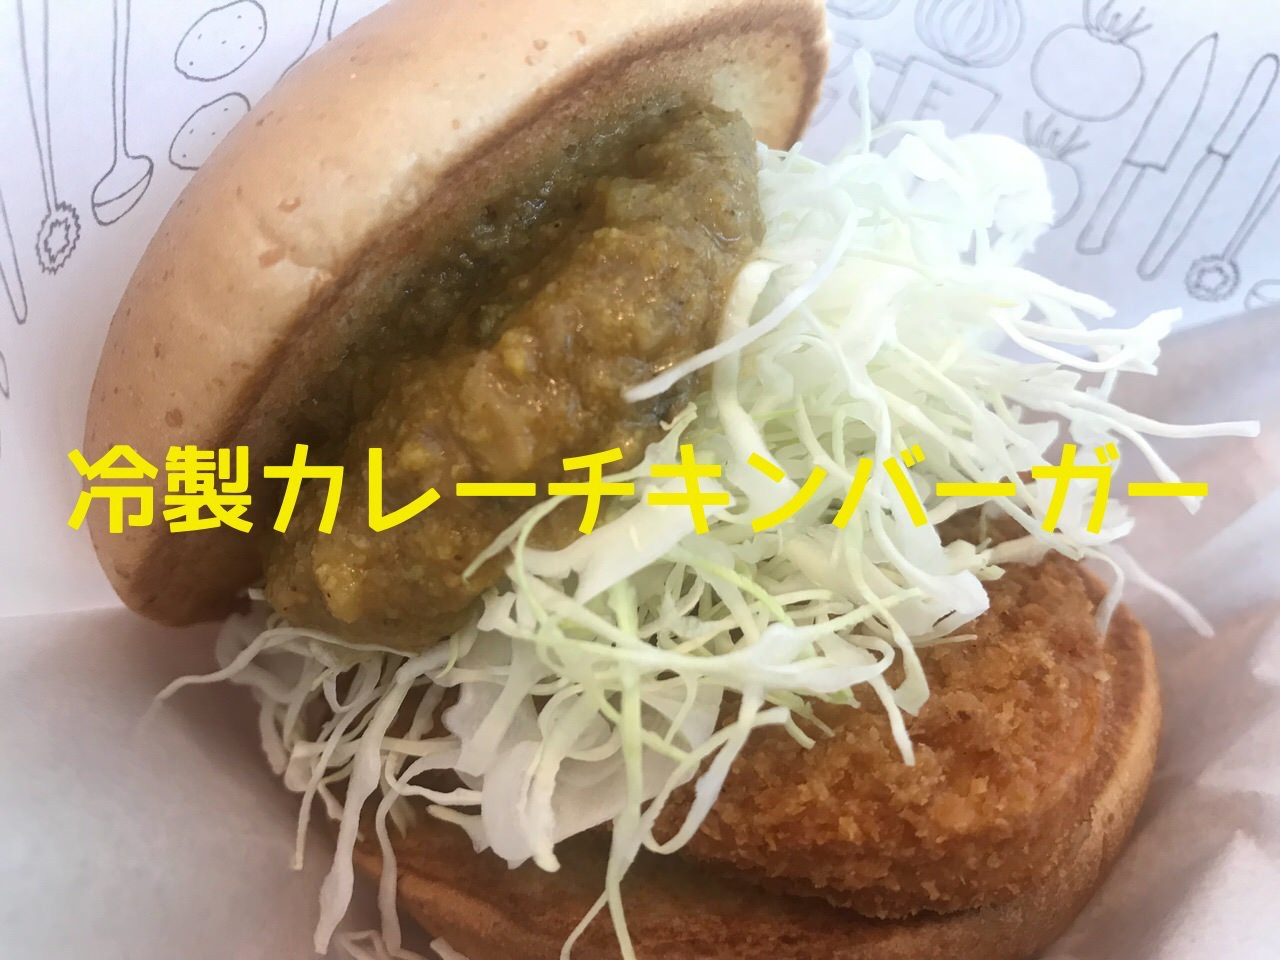 【モスバーガー】「冷製カレーチキンバーガー」チキンはアツアツ!思わず2個食べてしまう美味さ